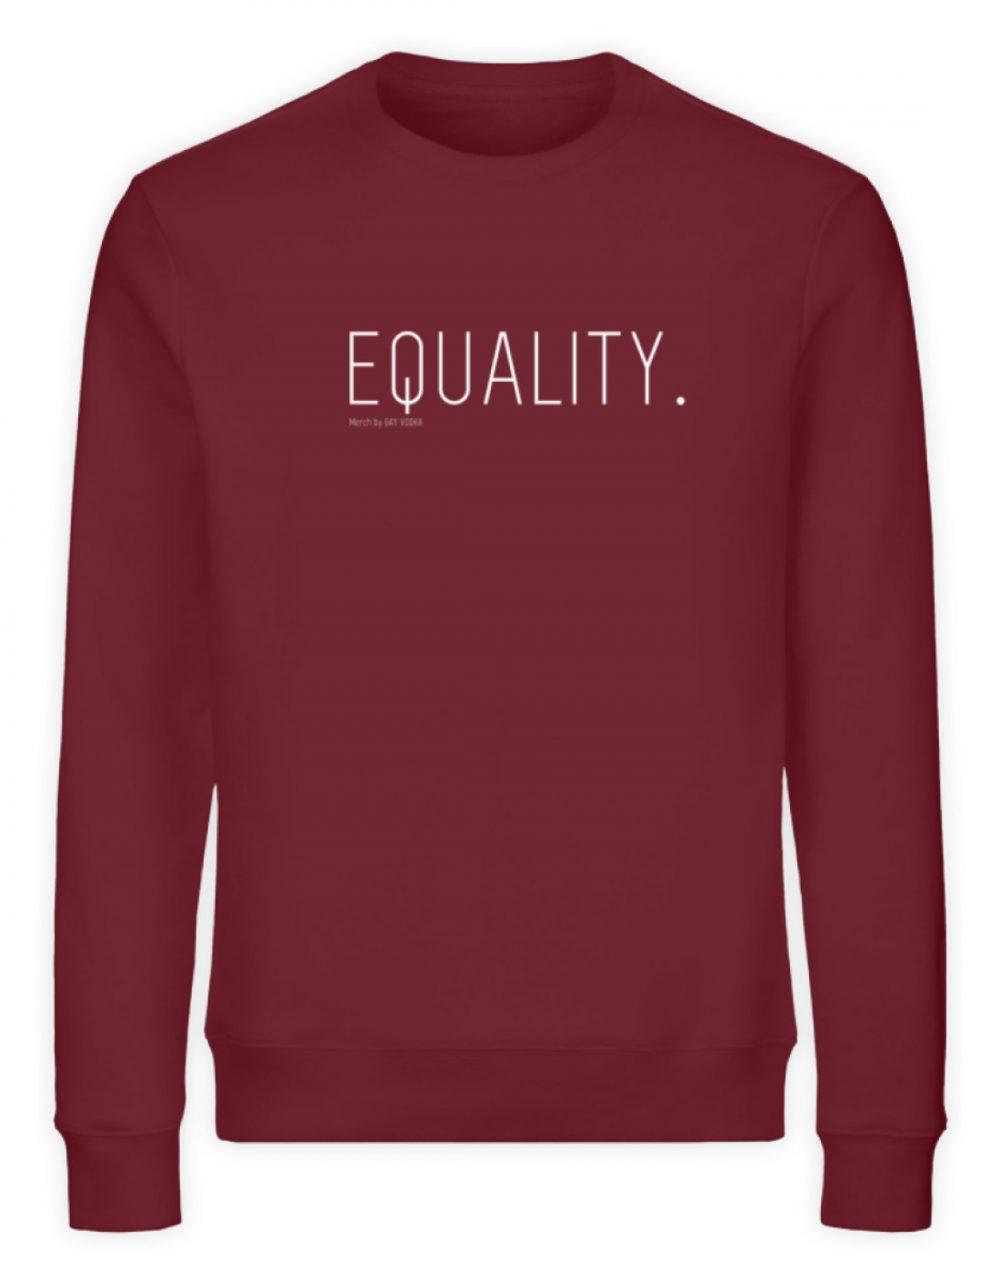 EQUALITY. - Unisex Organic Sweatshirt-6883